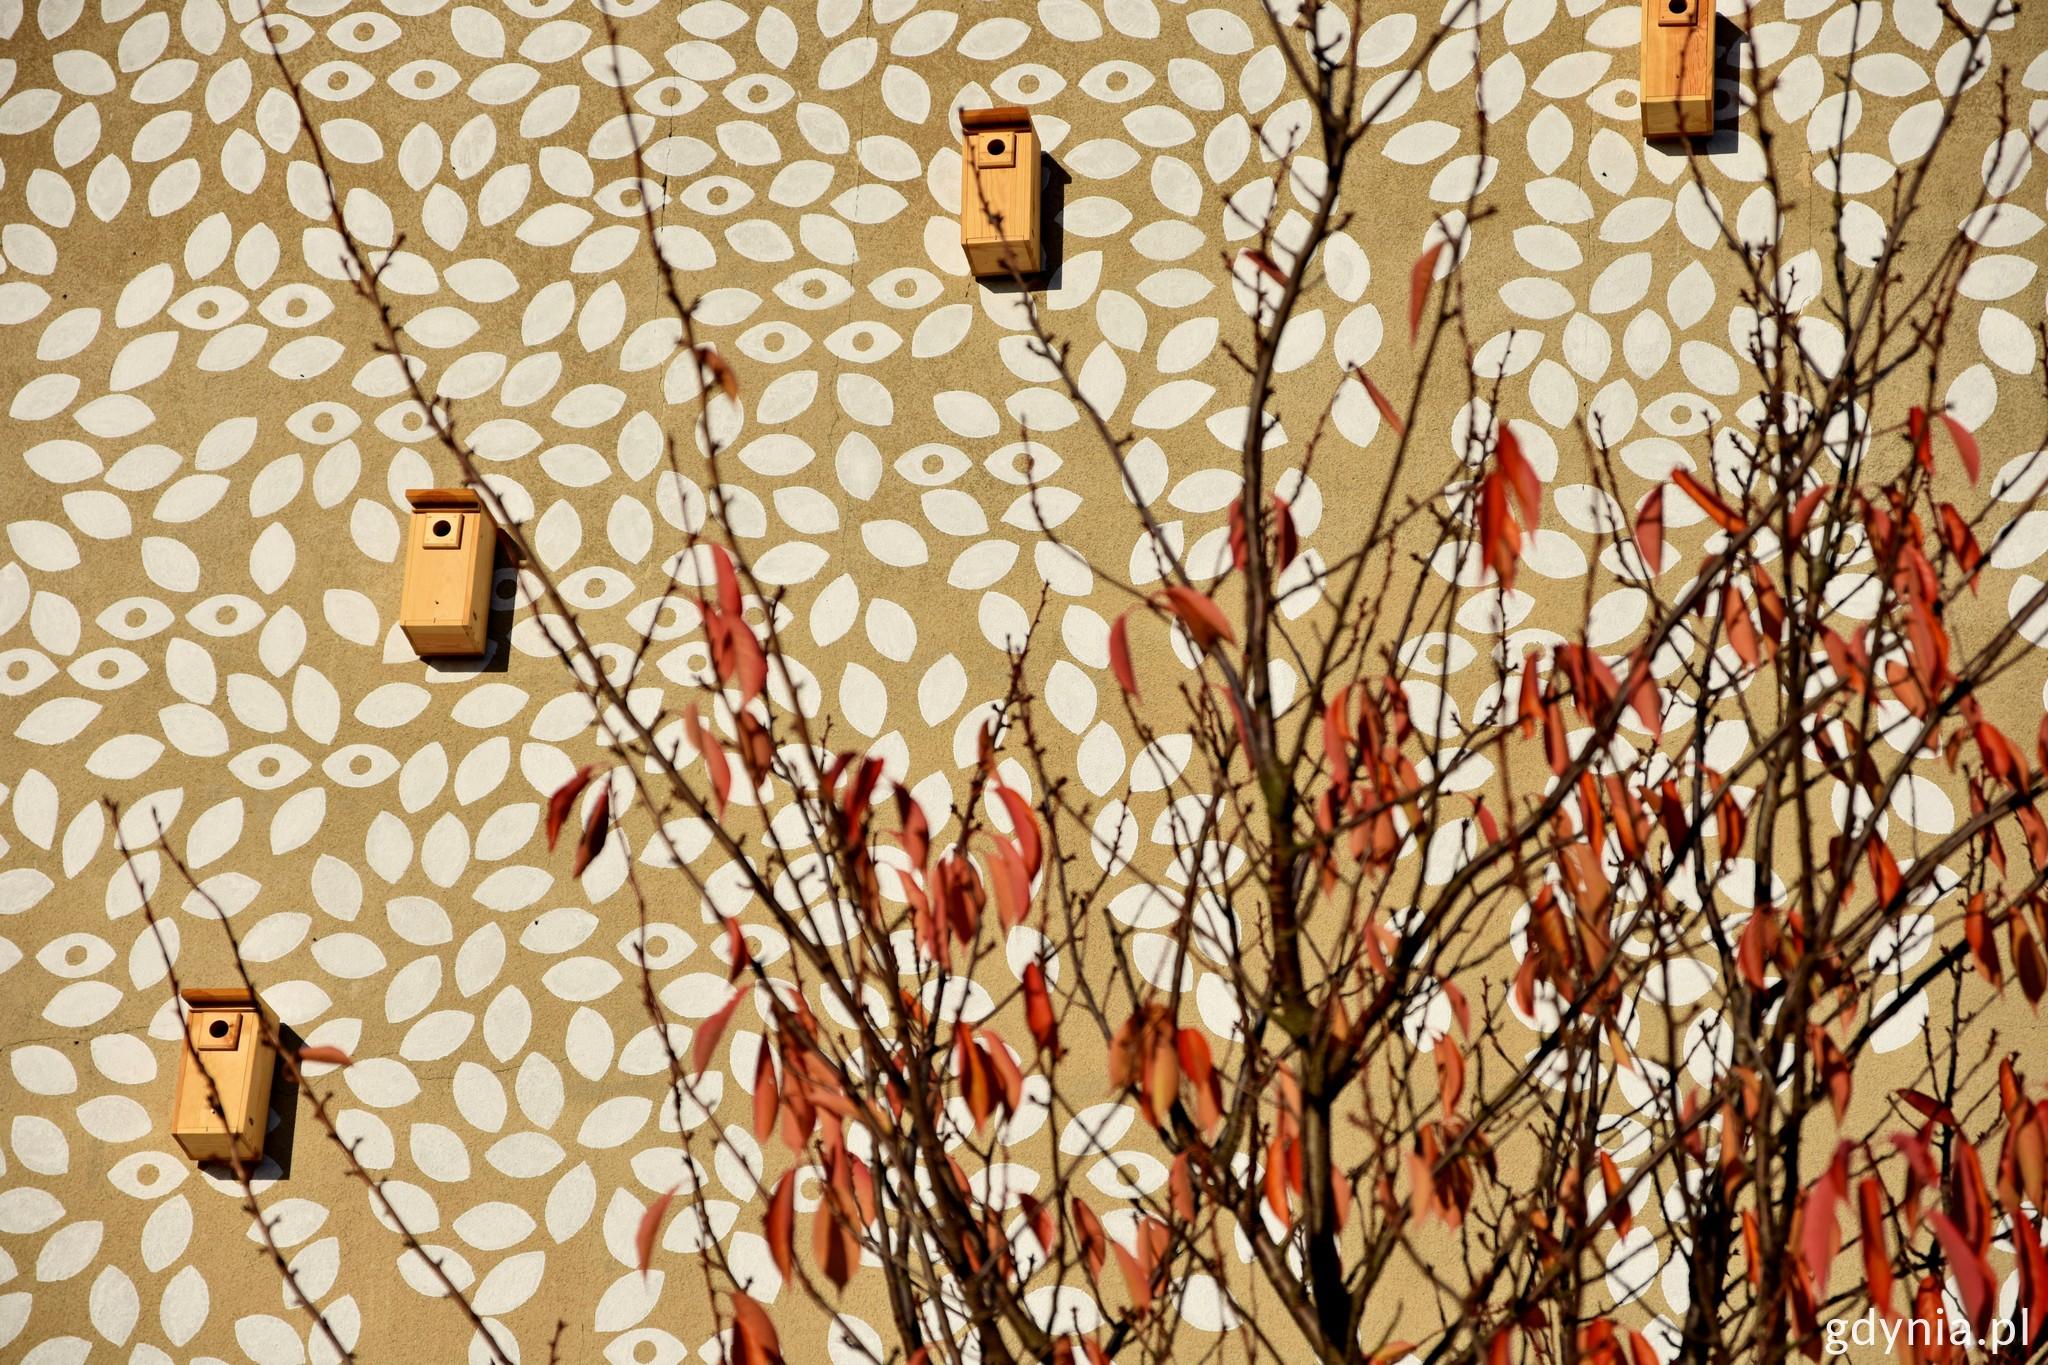 Osiedle dla ptaków